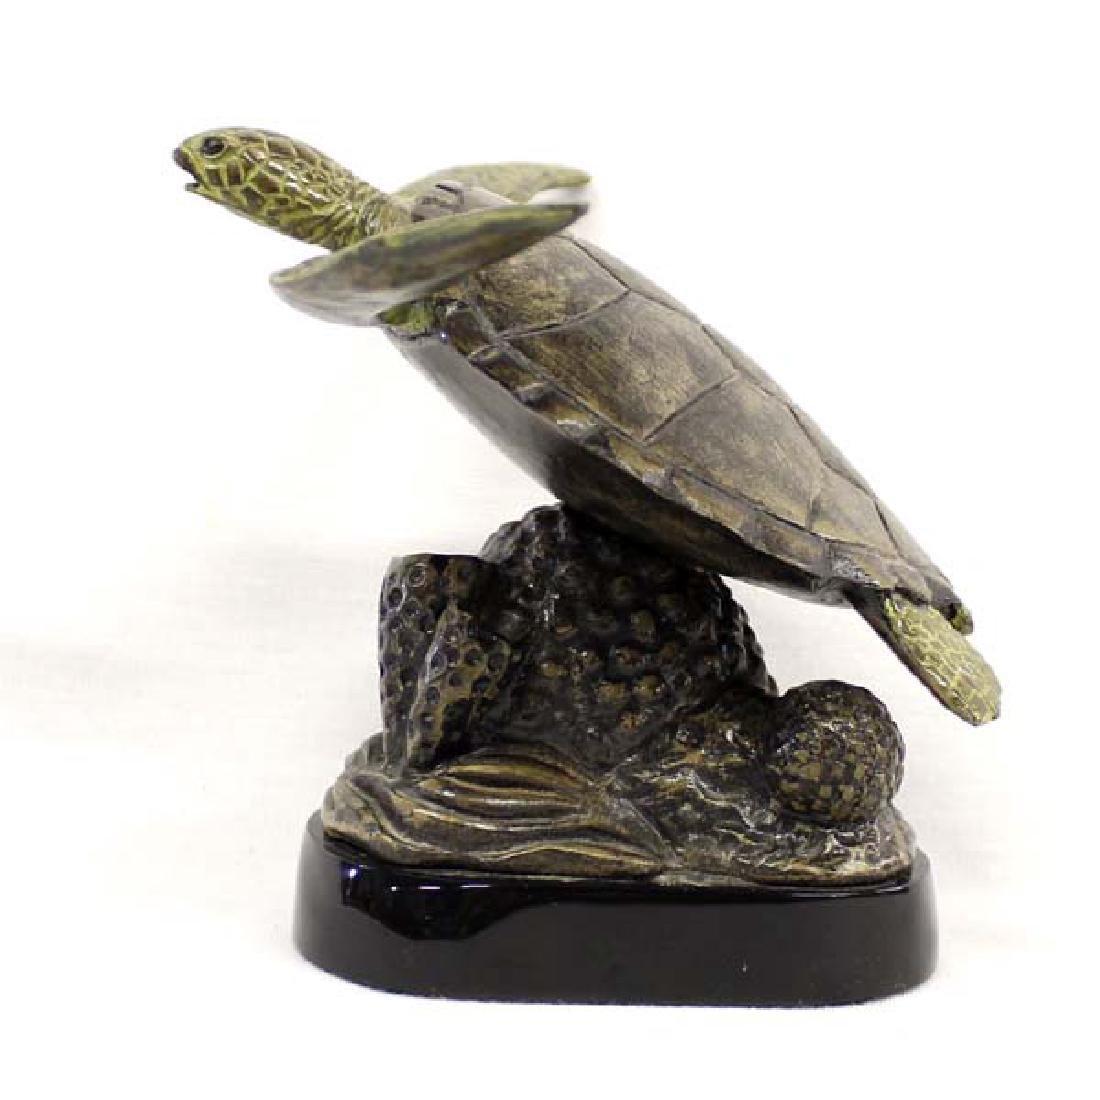 Sea Turtle Sculpture by Scott Lewerke